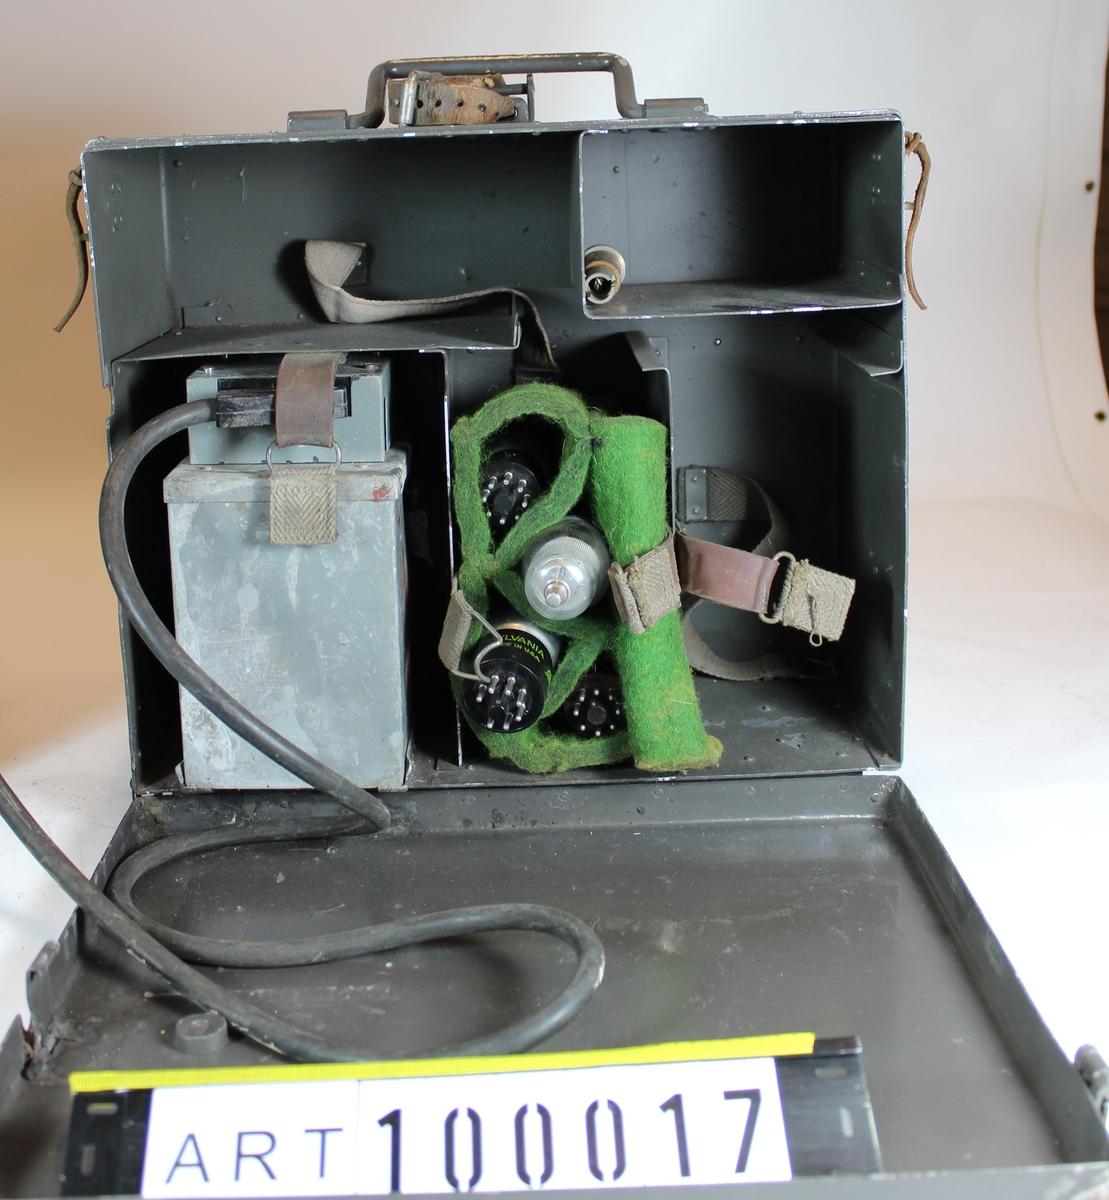 UK station för telefoni. Den första bärbara sändtagare som kunde användas buren av signalisten. Använder frekvensmodulering (FM).   Räckvidd: Normalantenn 8 km. Marschantenn 4 km.  Ombyggd av  Signalverkstäderna i Sundbyberg från USA-originalet.